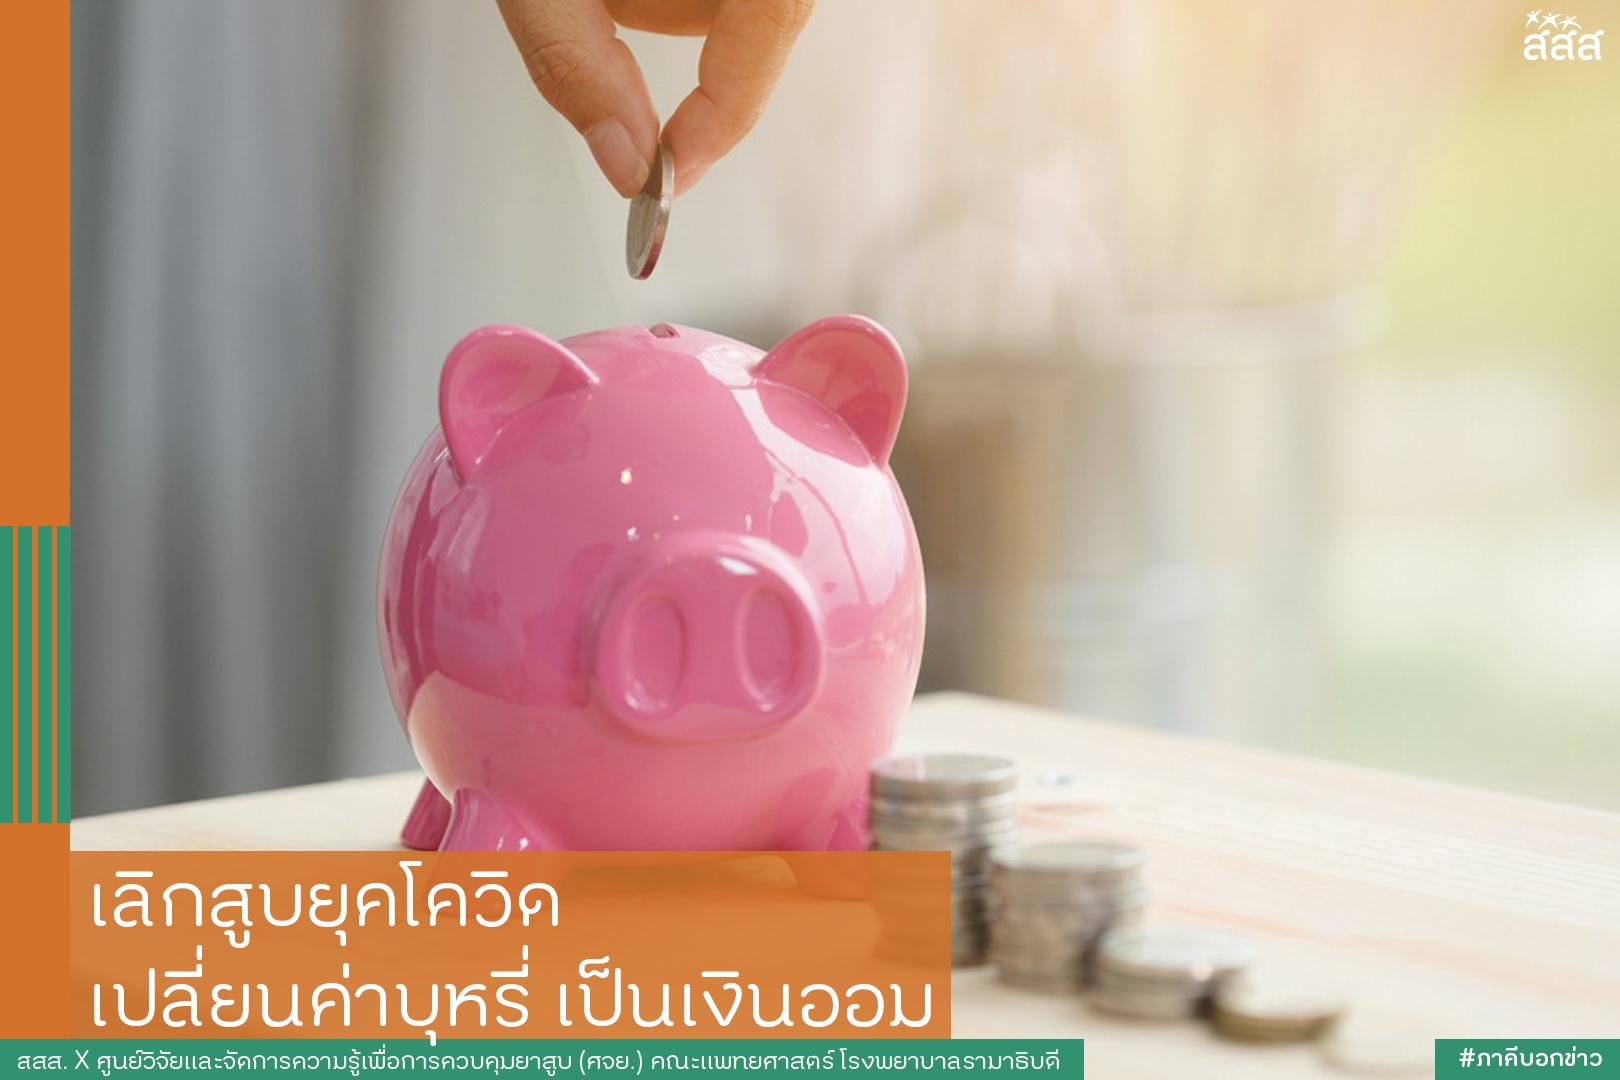 เลิกสูบยุคโควิด เปลี่ยนค่าบุหรี่เป็นเงินออม thaihealth